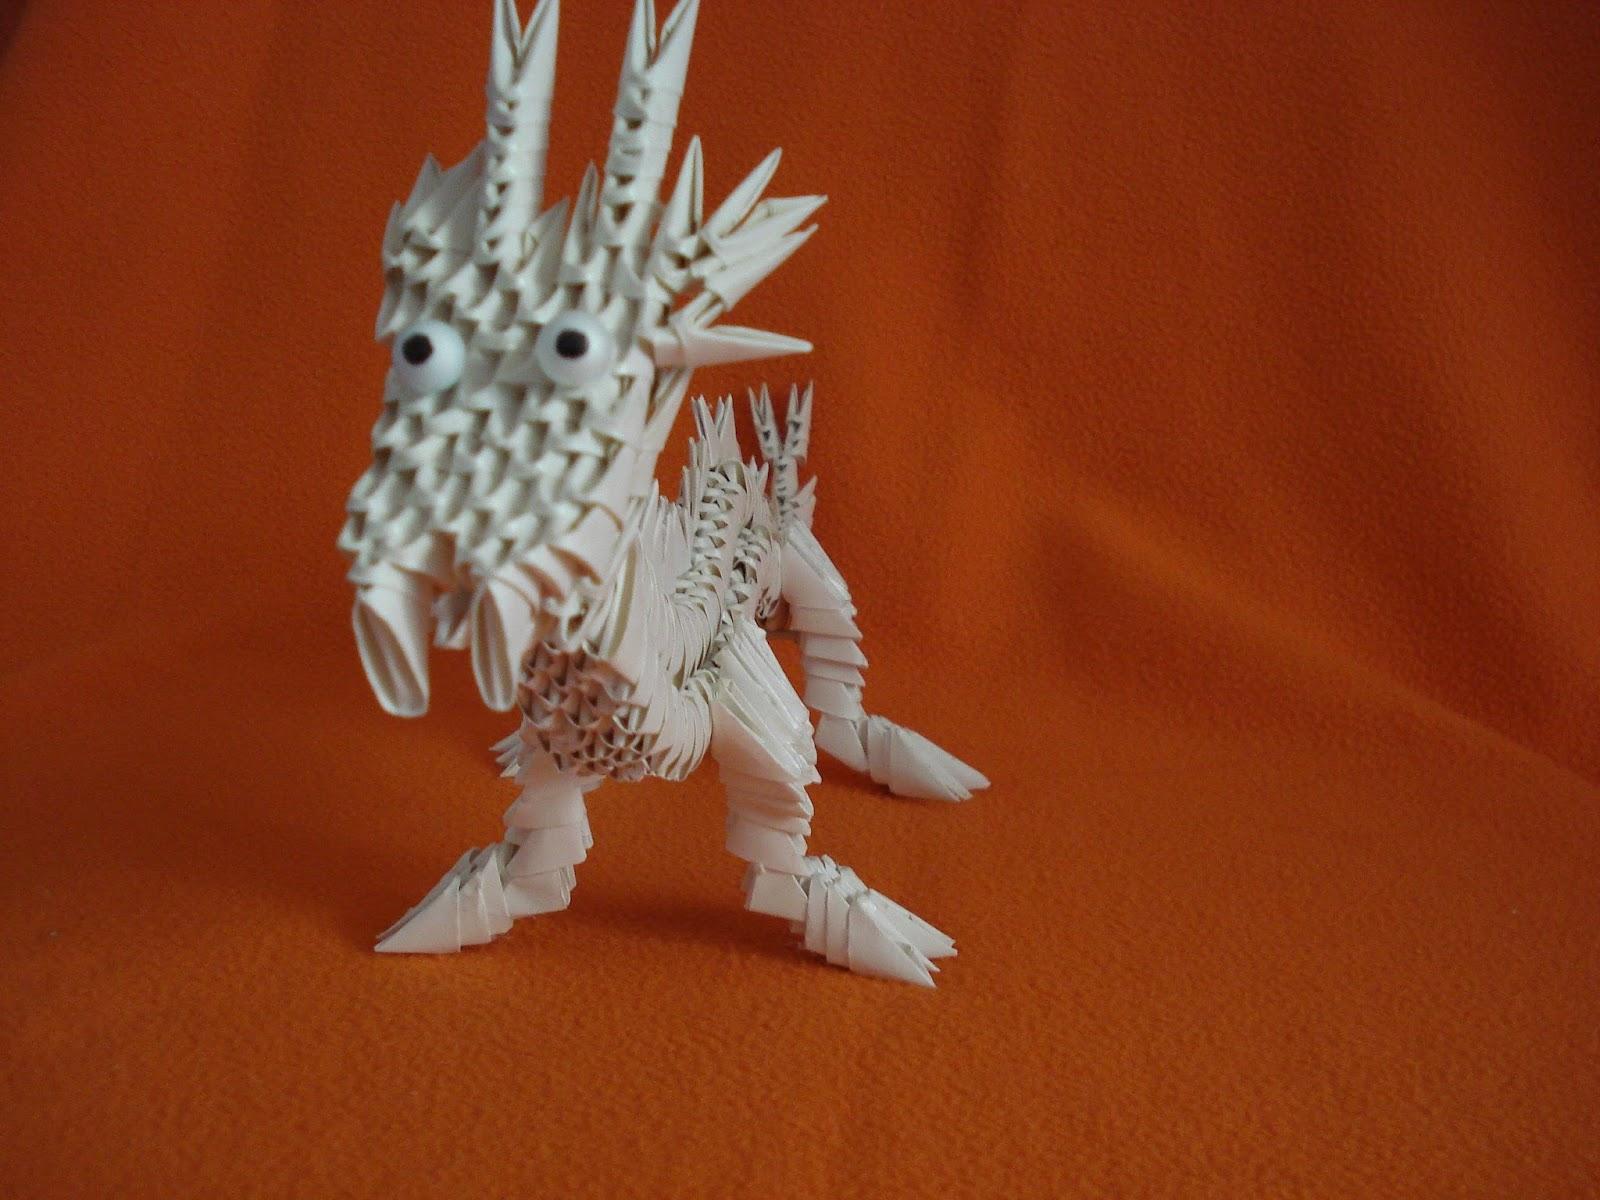 MANUALIDADES Y OTROS ENTRETENIMIENTOS: Dragón. Origami 3d - photo#26